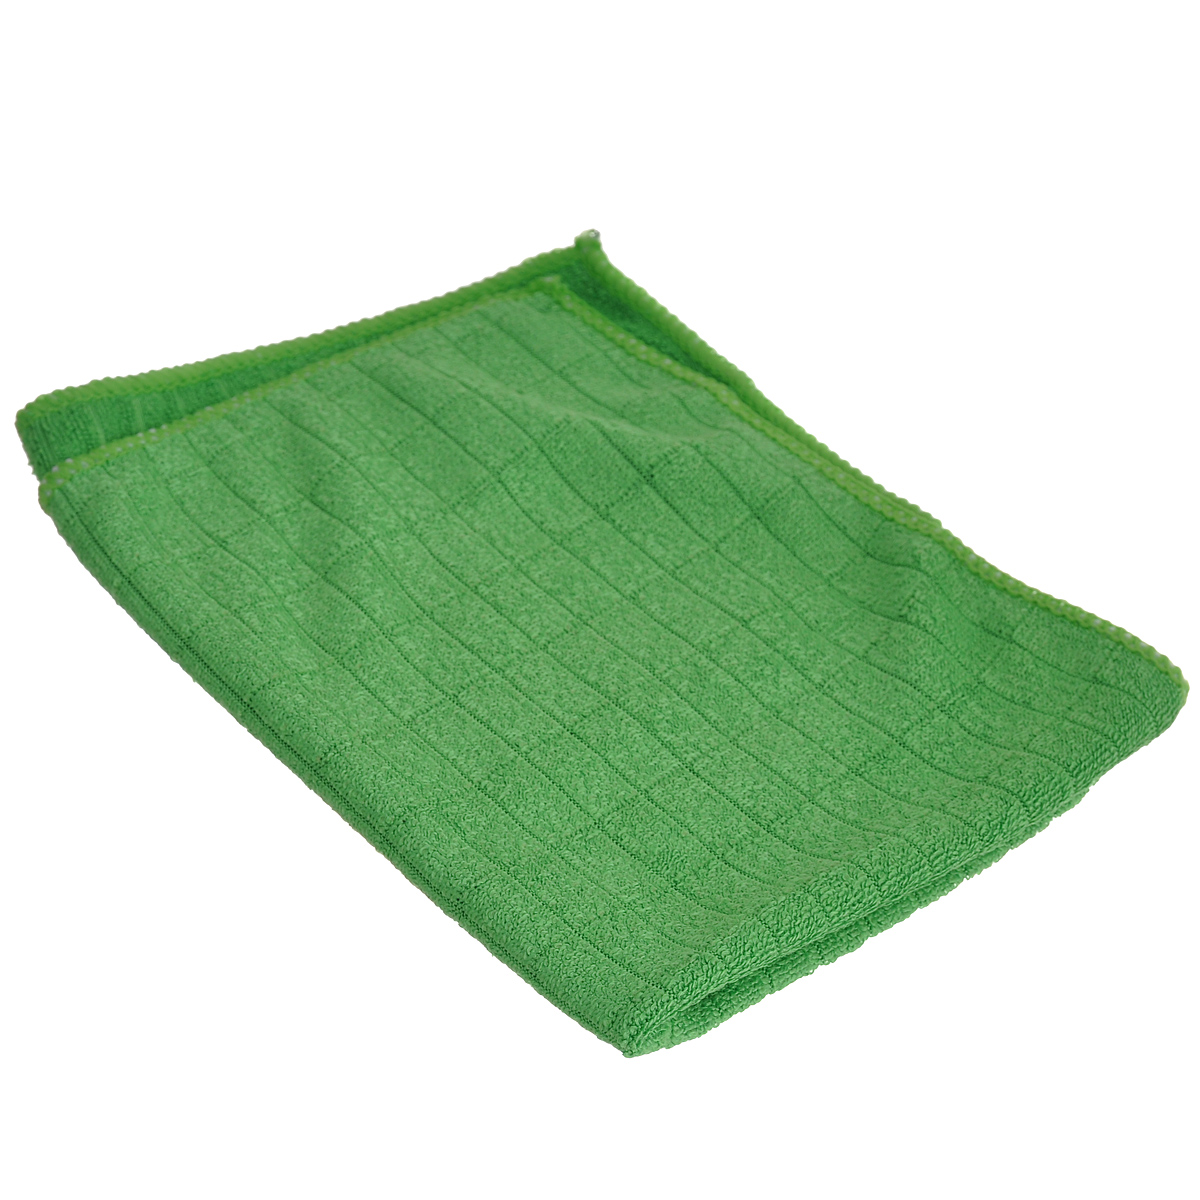 Салфетка для мытья и полировки автомобиля Sapfire Micro Lines, цвет: зеленый, 30 х 40 см106-026Салфетка Sapfire Micro Lines выполнена из высококачественного полиэстера и полиамида. Каждая нить после специальной химической обработки расщепляется на 12-16 клиновидных микроволокон. Микрофибровое полотно удаляет грязь с поверхности намного эффективнее, быстрее и значительно более бережно в сравнении с обычной тканью, что существенно снижает время на проведение уборки, поскольку отсутствует необходимость протирать одно и то же место дважды. Использовать салфетку можно для чистки как наружных, так и внутренних поверхностей автомобиля. Используя подобную мягкую ткань, можно проникнуть даже в самые труднодоступные места и эффективно очистить от пыли и бактерий все поверхности. Микрофибра устойчива к истиранию, ее можно быстро вернуть к первоначальному виду с помощью машинной стирки при малом количестве моющих средств. Состав: 80% полиэстер, 20% полиамид.